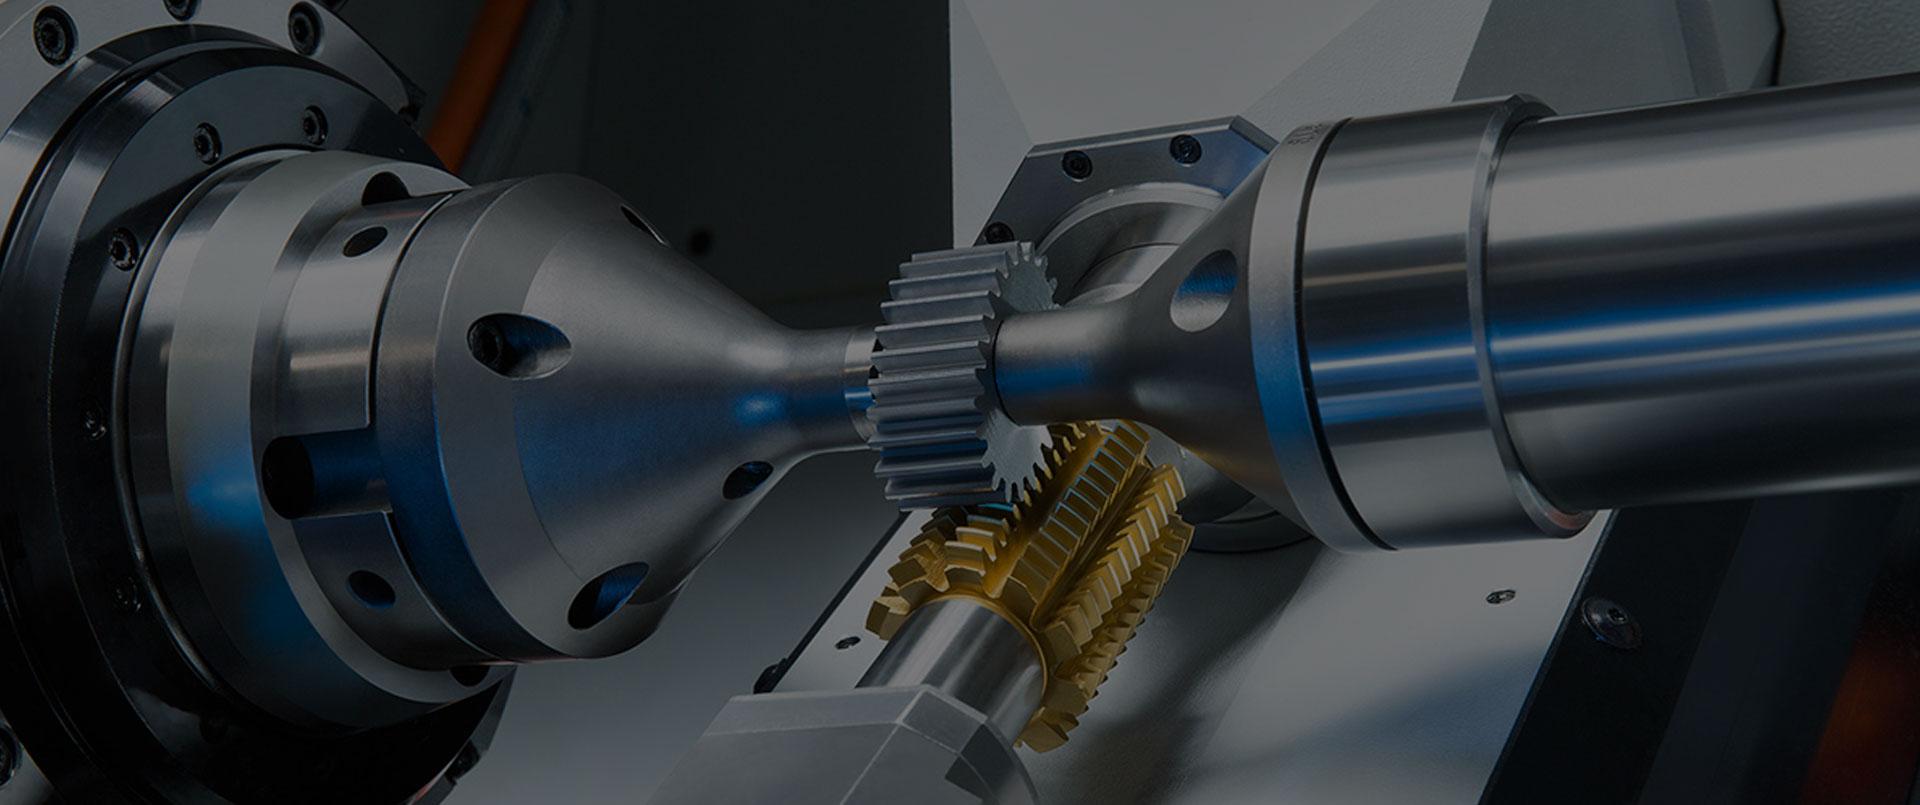 Proizvodimo metalne delove, alate, rezervne delove...